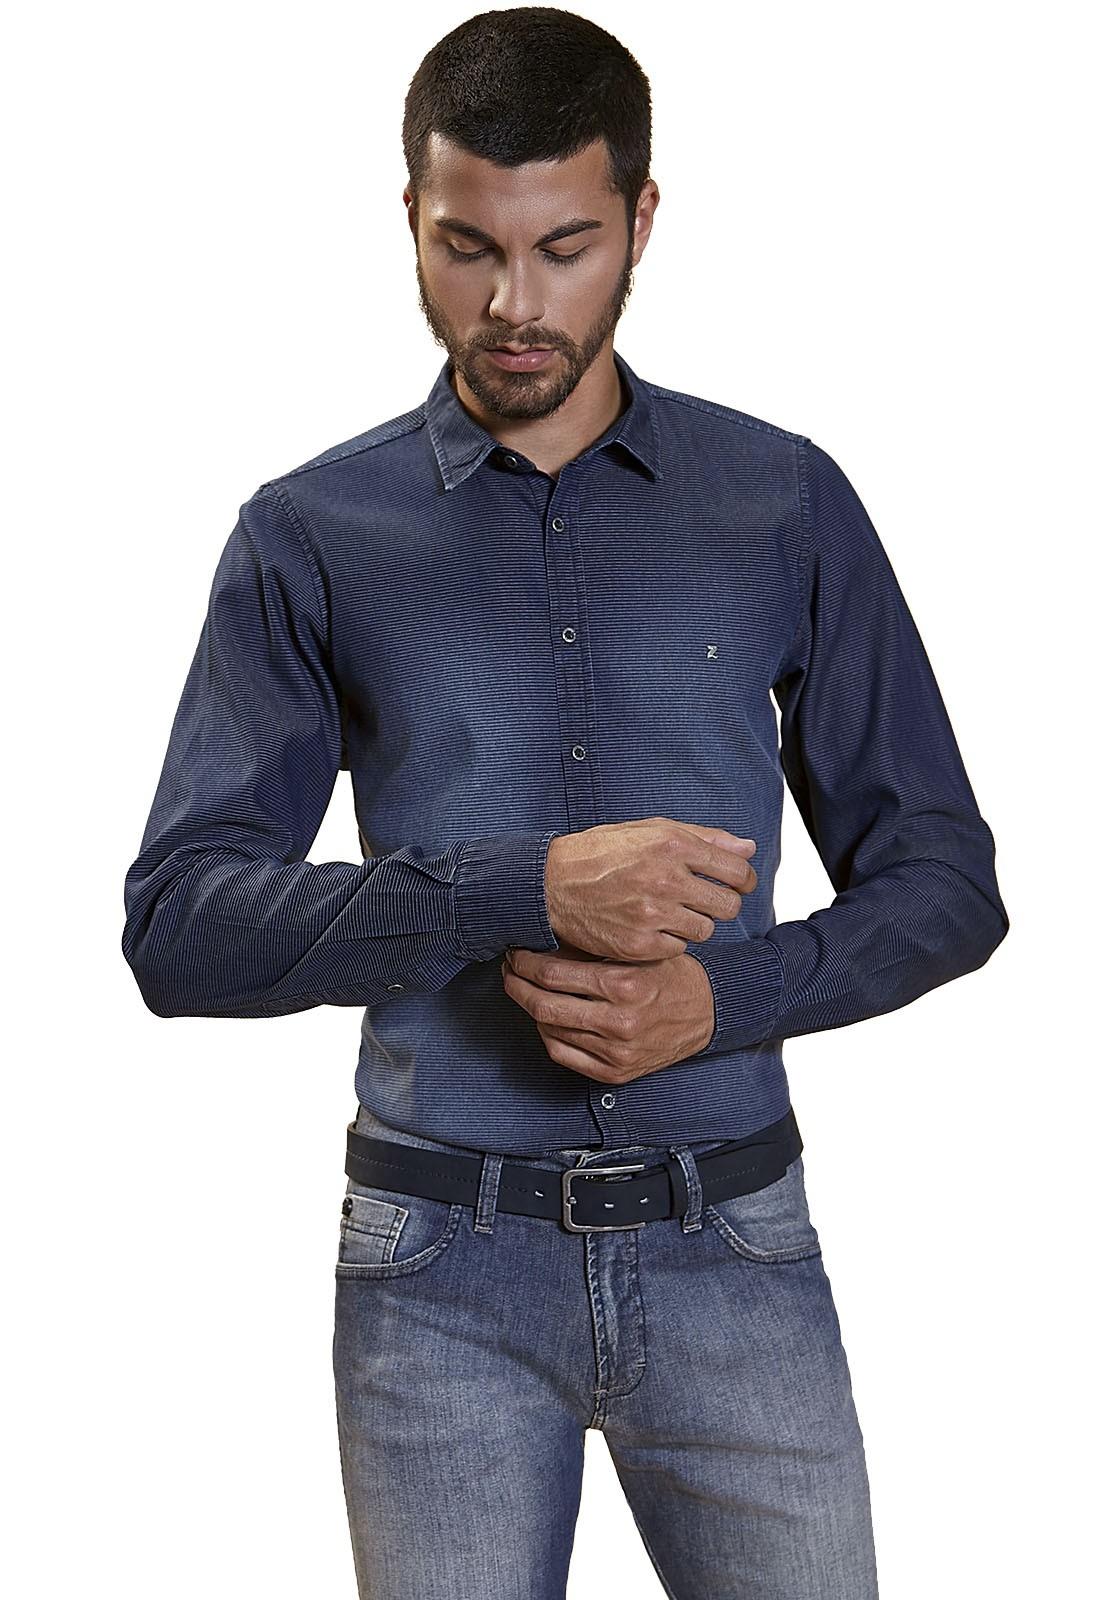 Camisa Slim Zaiko Jeans Listrado Manga Longa 2228 Marinho